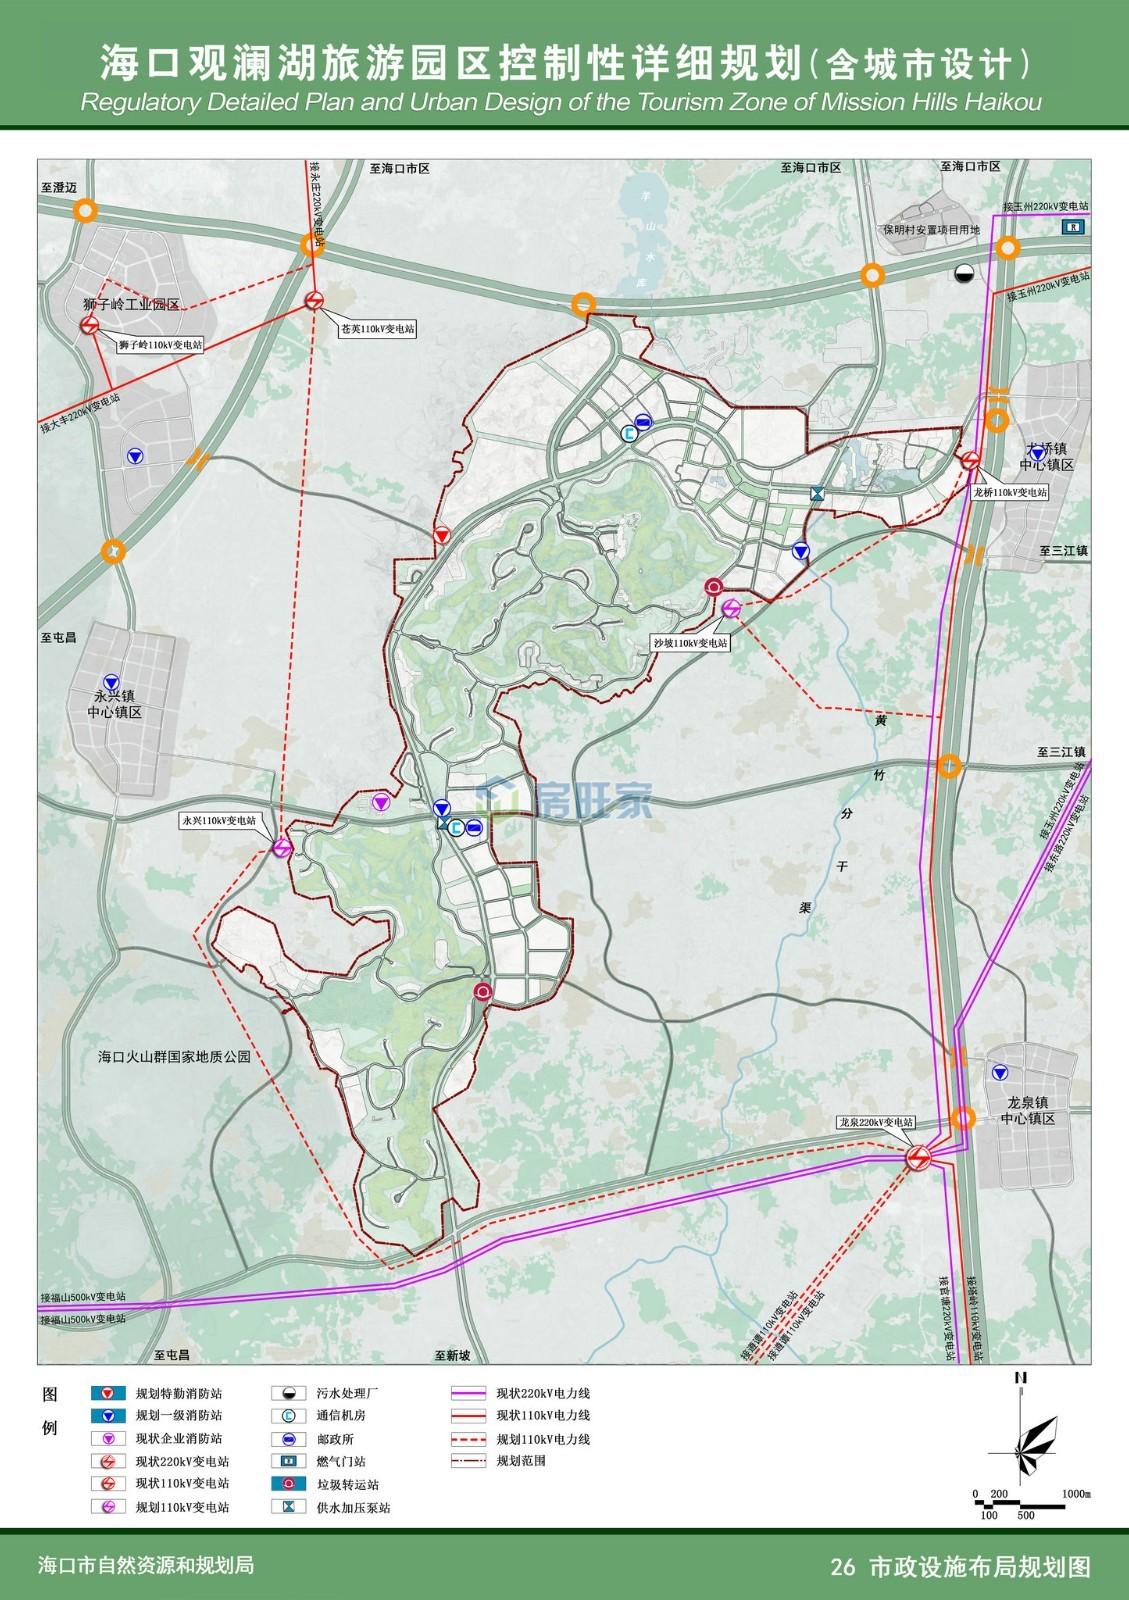 观澜湖市政设施布局规划图